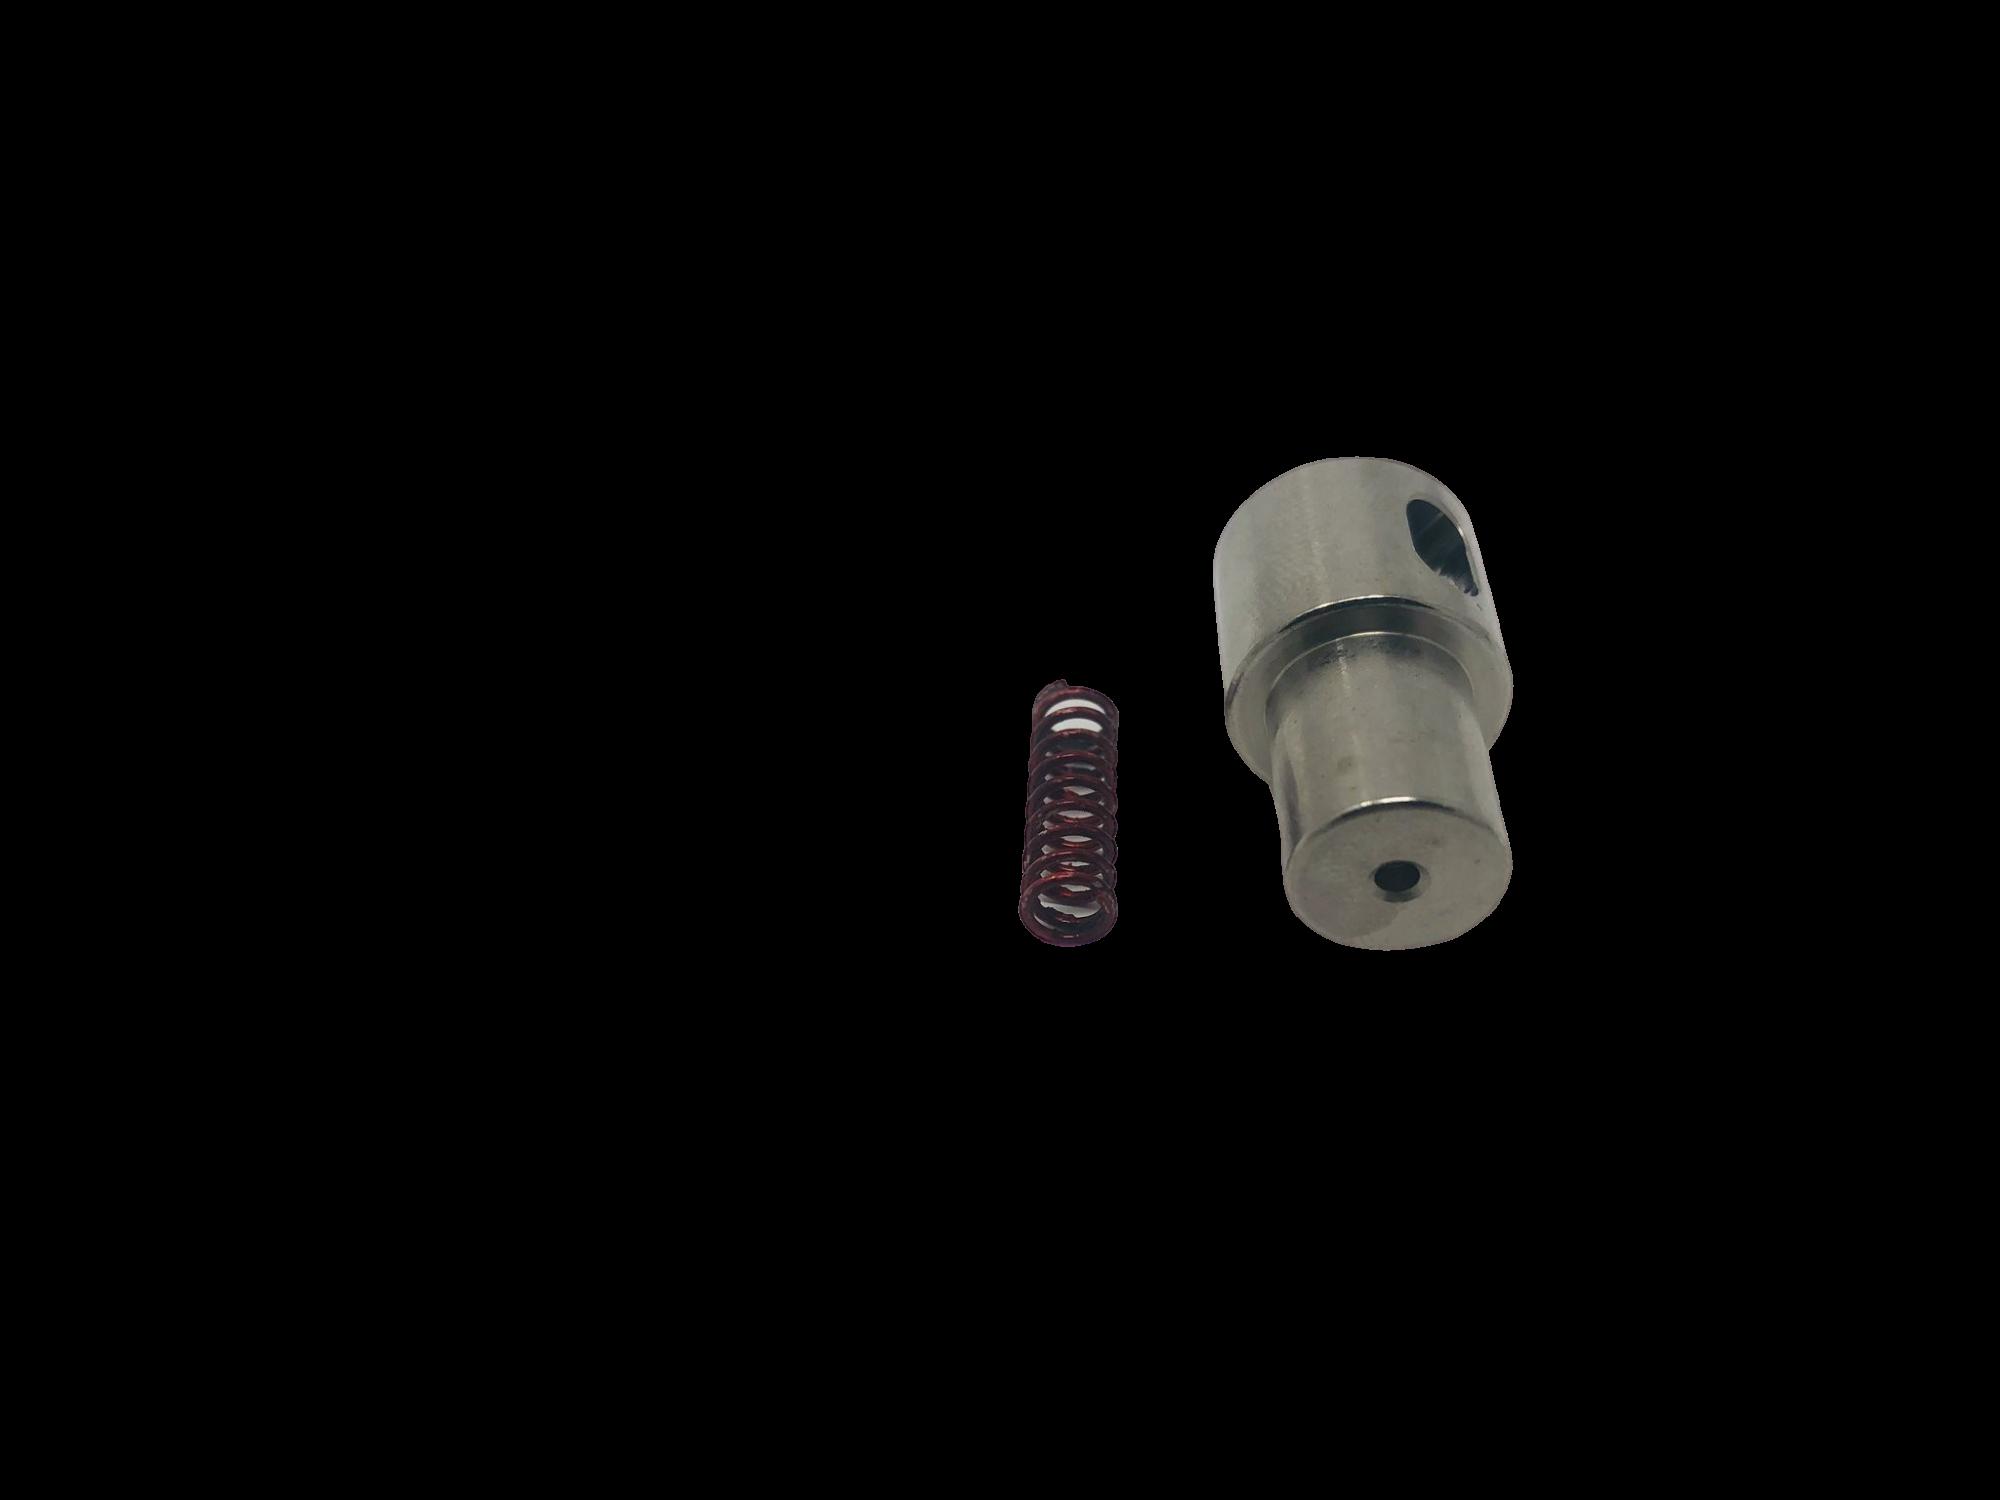 Steel Shank Adapter